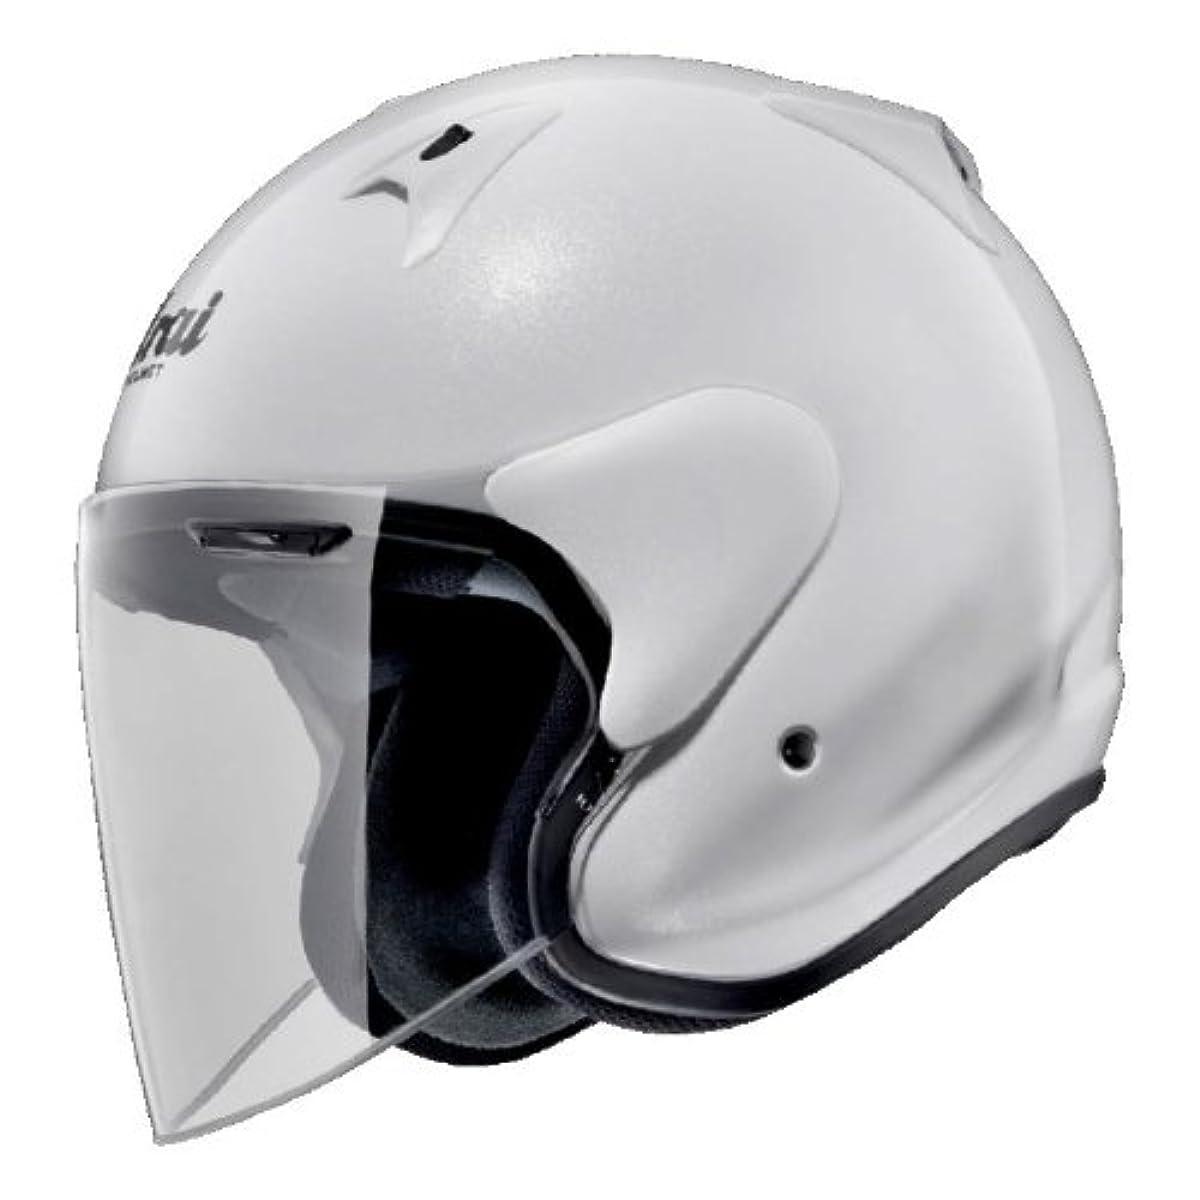 [해외] 아라이 오토바이 헬멧 제트 SZ-G 글래스 화이트 M 57-58CM